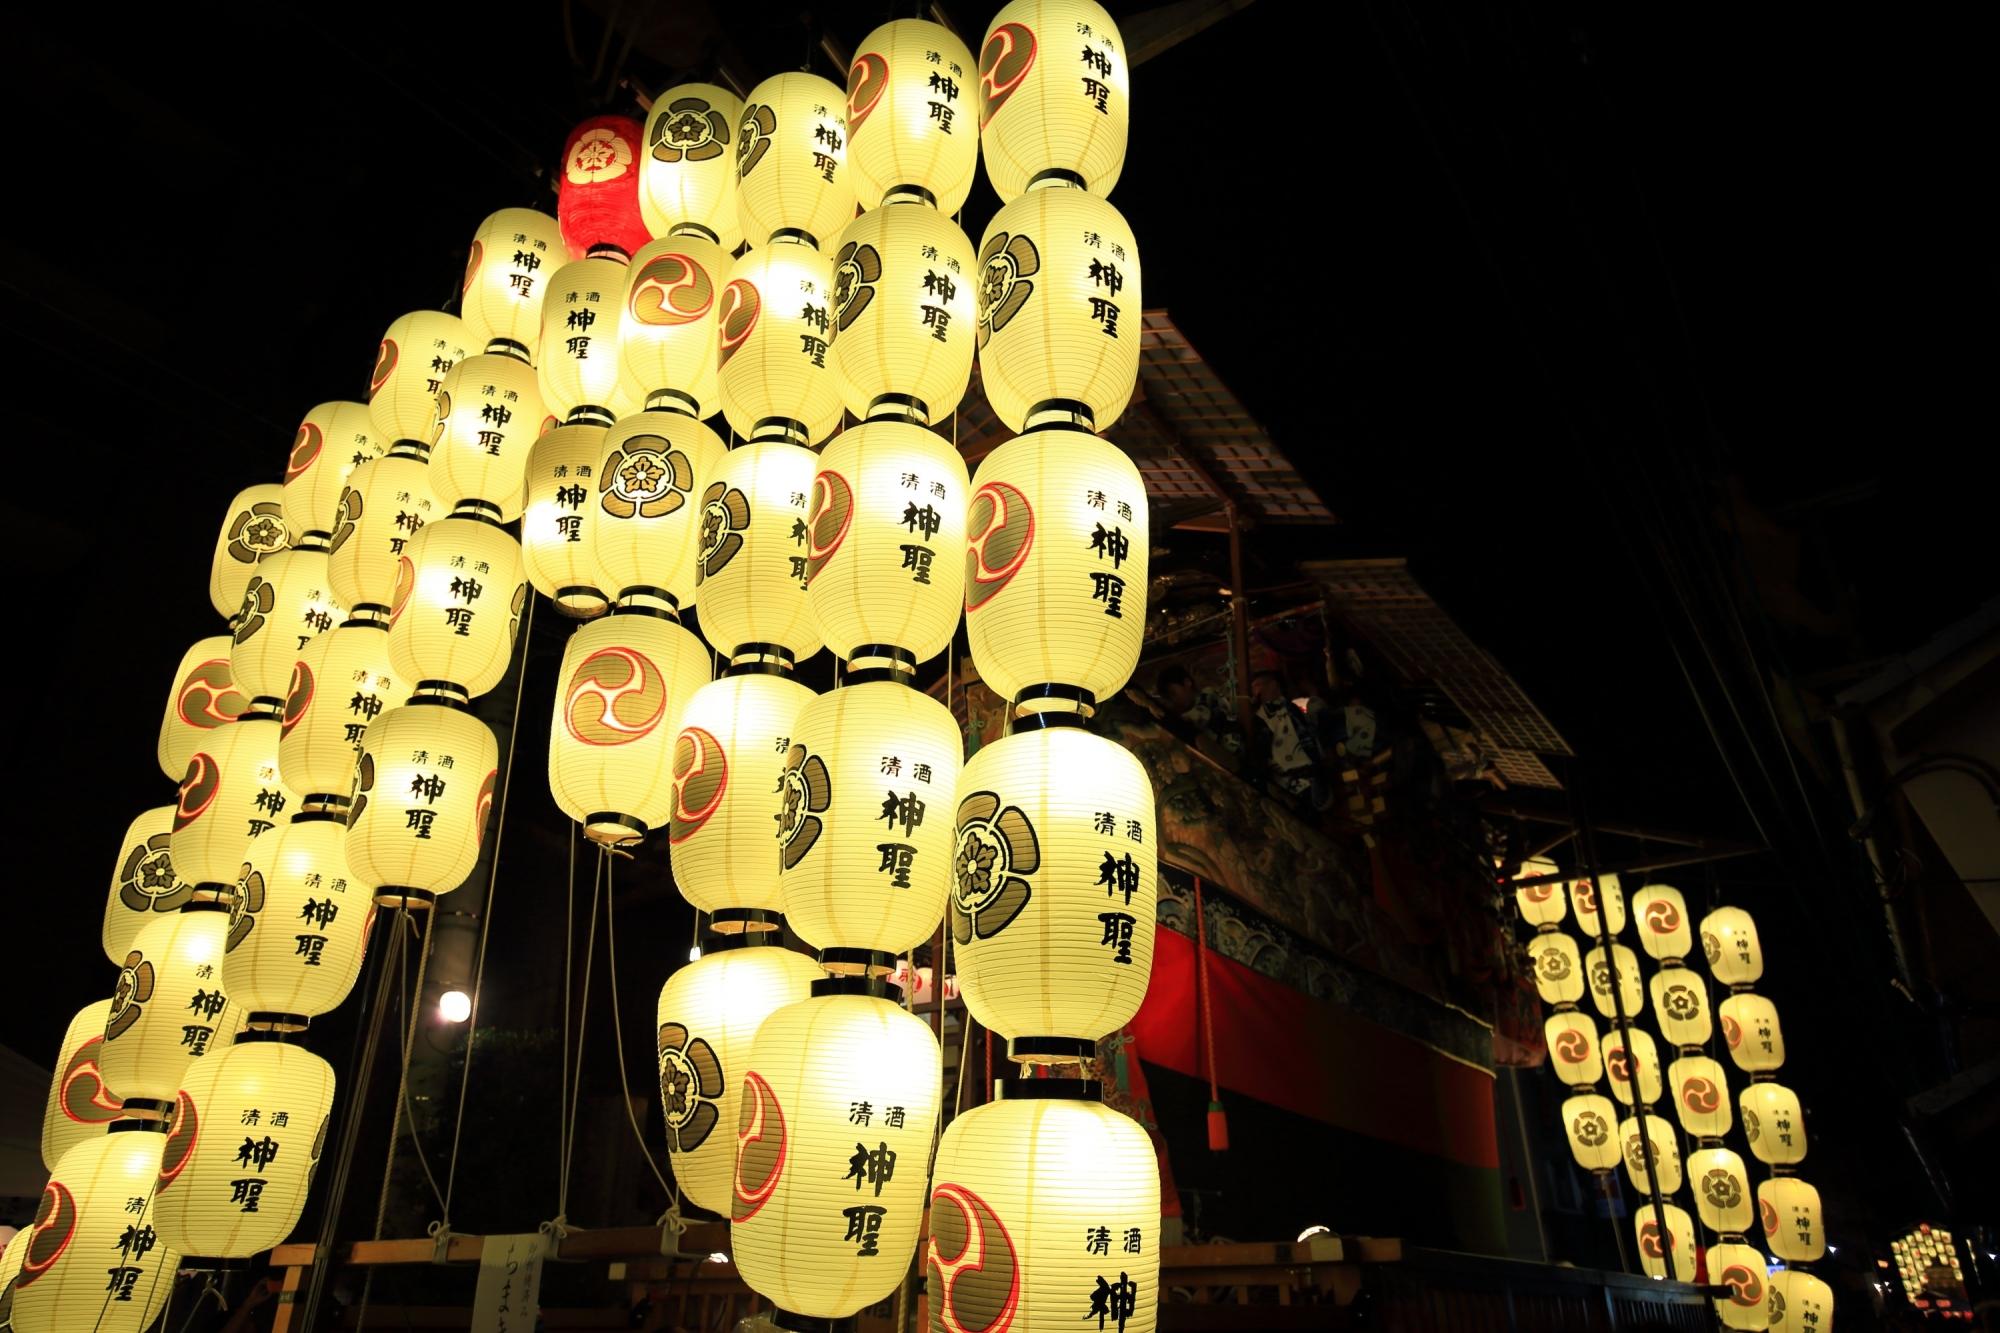 宵山 祇園祭 船鉾 夏の風物詩